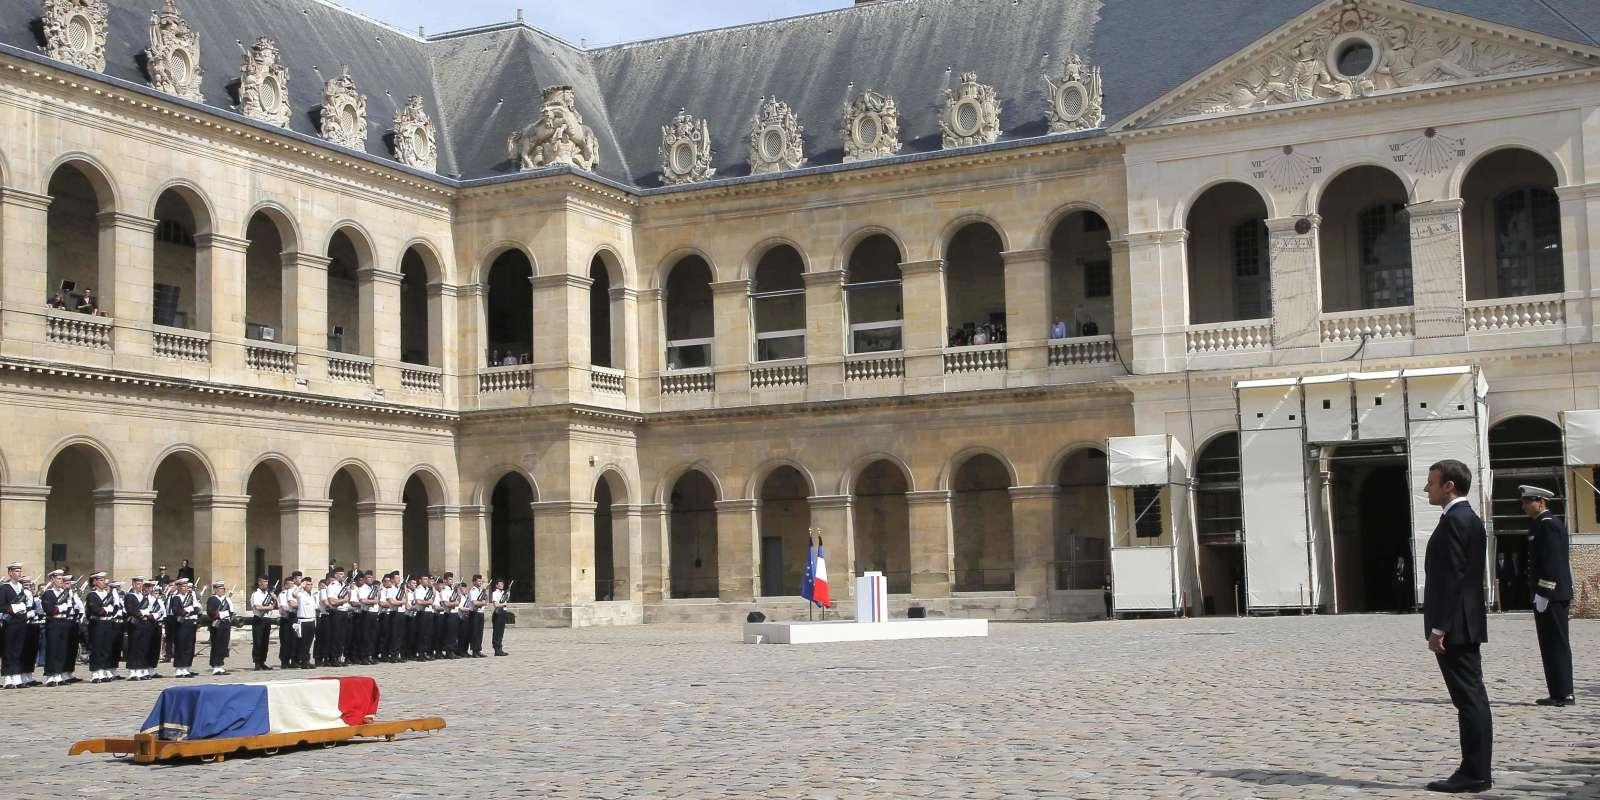 Le président de la République, Emmanuel Macron, a salué, lors de l'éloge funèbre, «cette vie de femme [qui] offre des victoires éclatantes qu'aucune autre qu'elle n'aurait su remporter», mercredi 5 juillet, aux Invalides